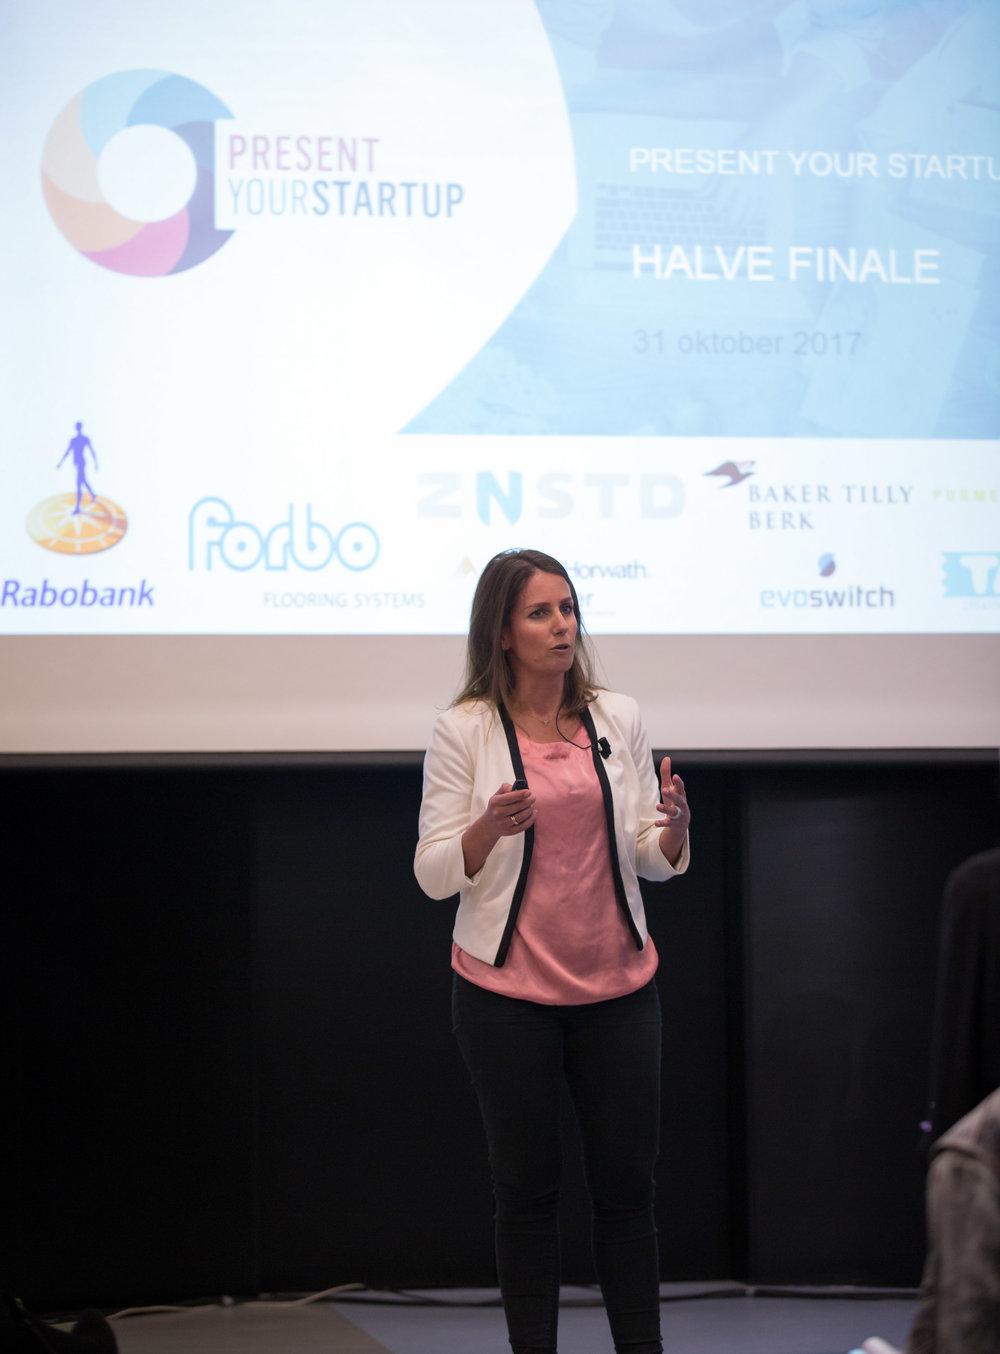 Valborg Korthals Altes op het podium tijdens de halve finale van Present Your Startup 2017